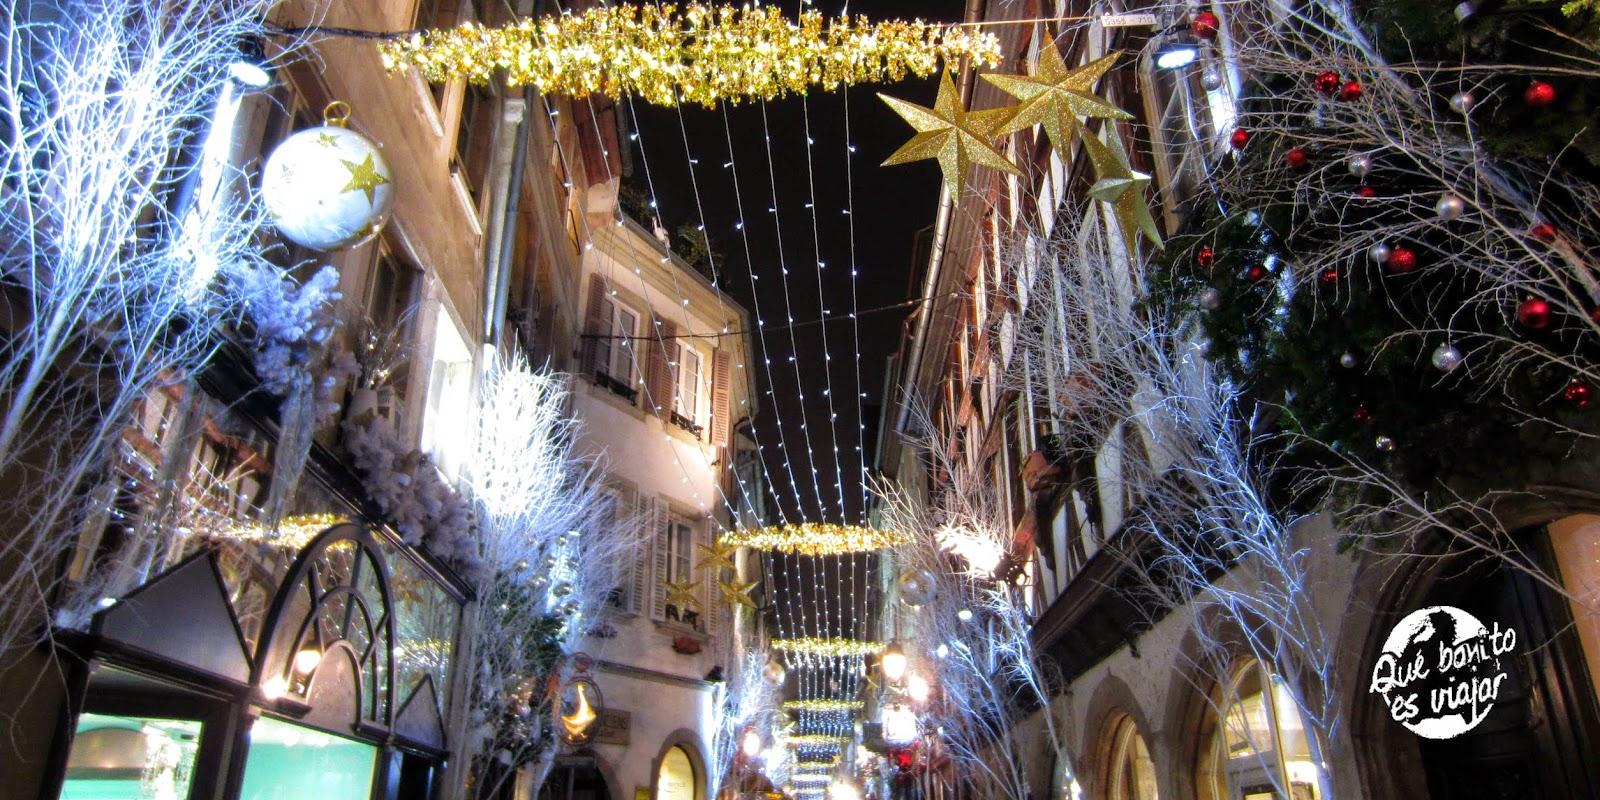 Navidad en la Rue des Orfevres en Estrasburgo